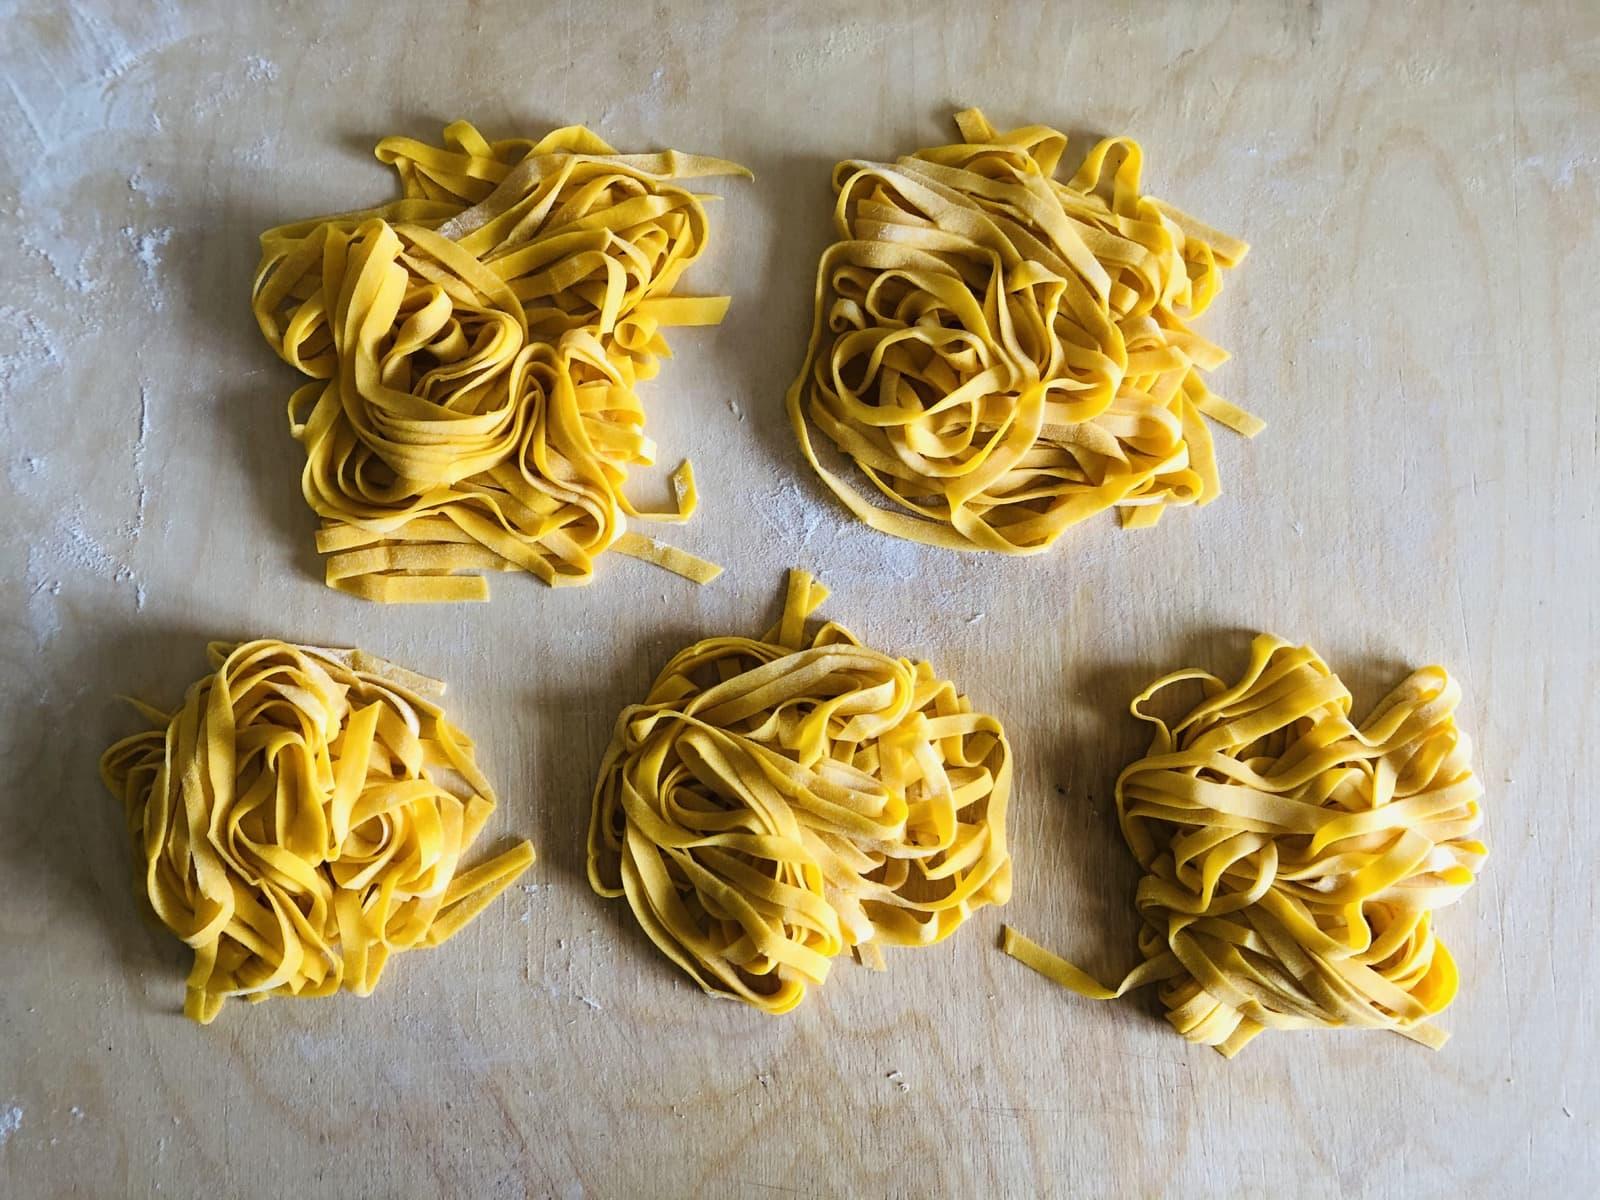 Ragù alla Bolognese: the original bolognaise sauce